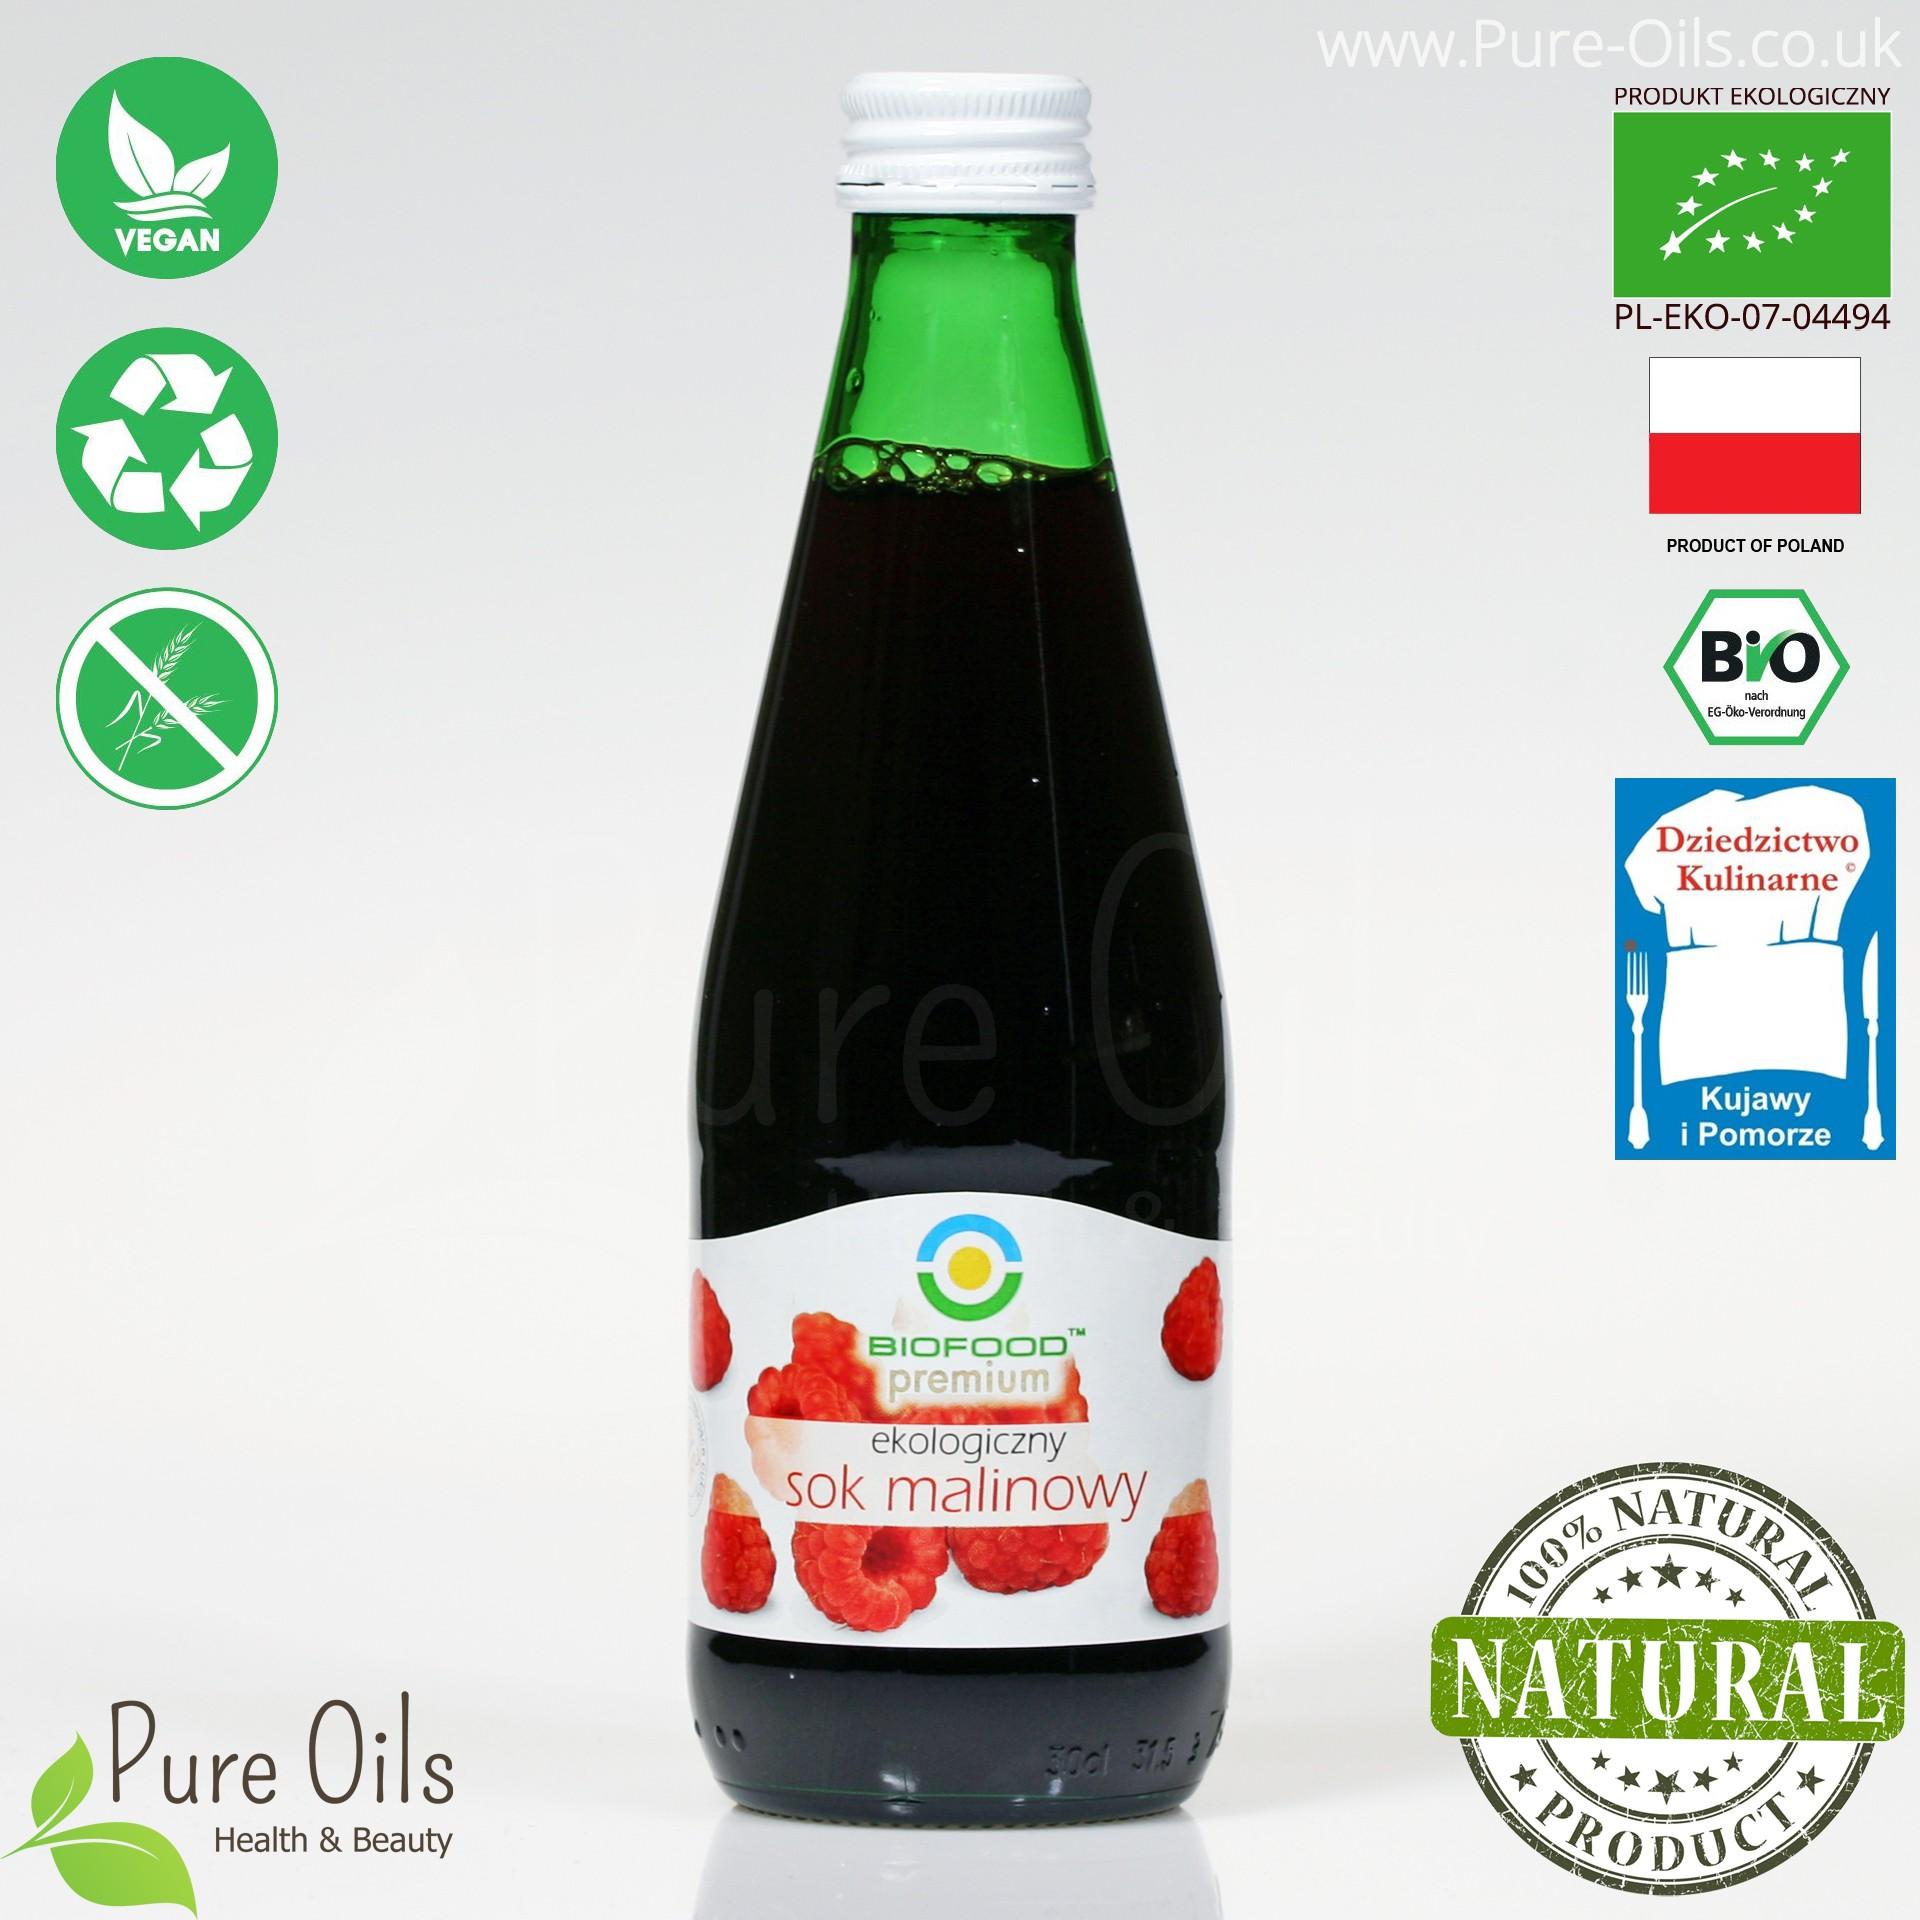 Sok Malinowy - ekologiczny, tłoczony, NFC, Biofood